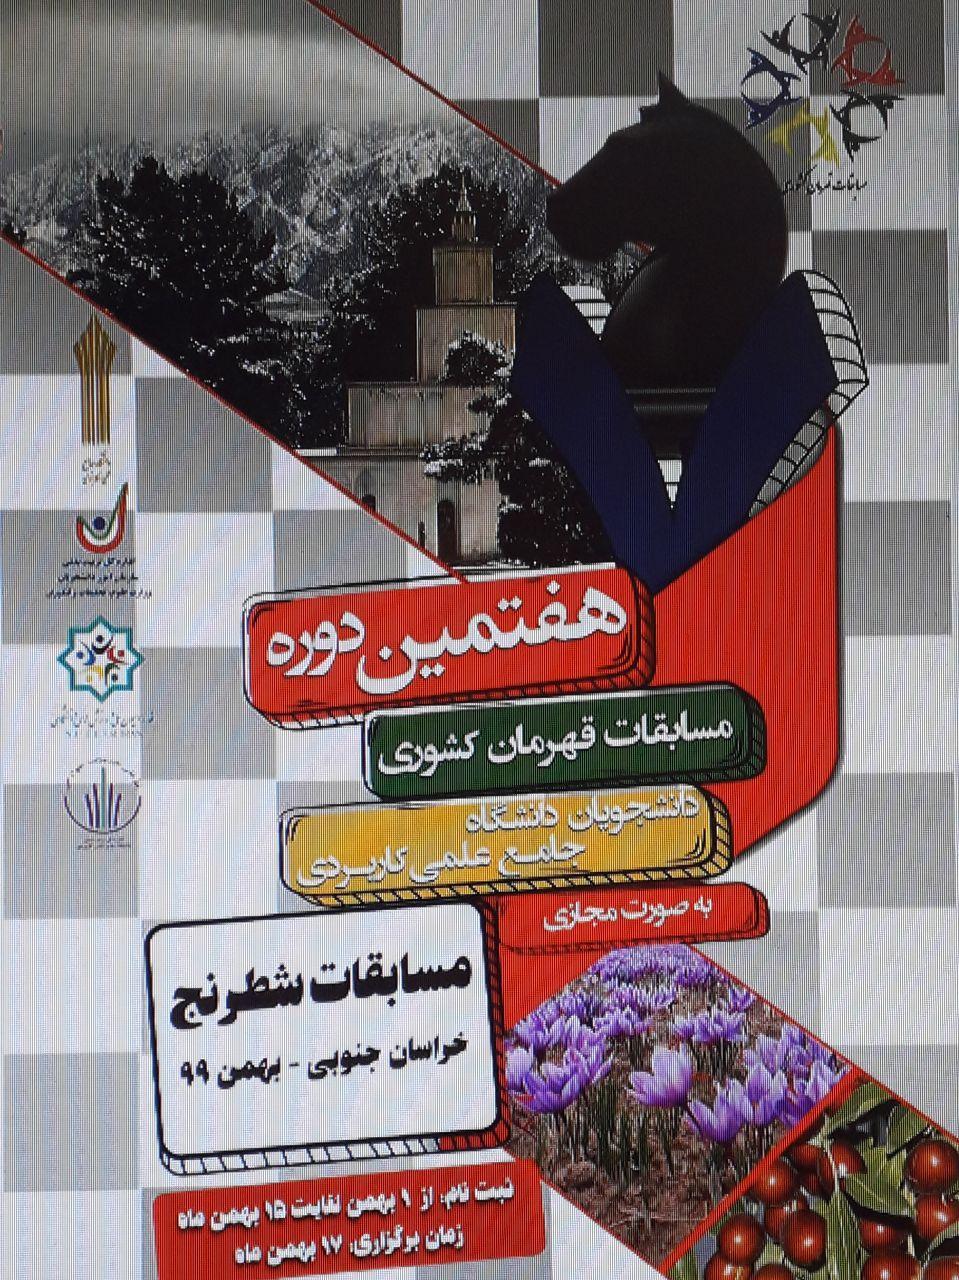 مسابقات شطرنج دانشجویان دانشگاه جامع علمی کاربردی